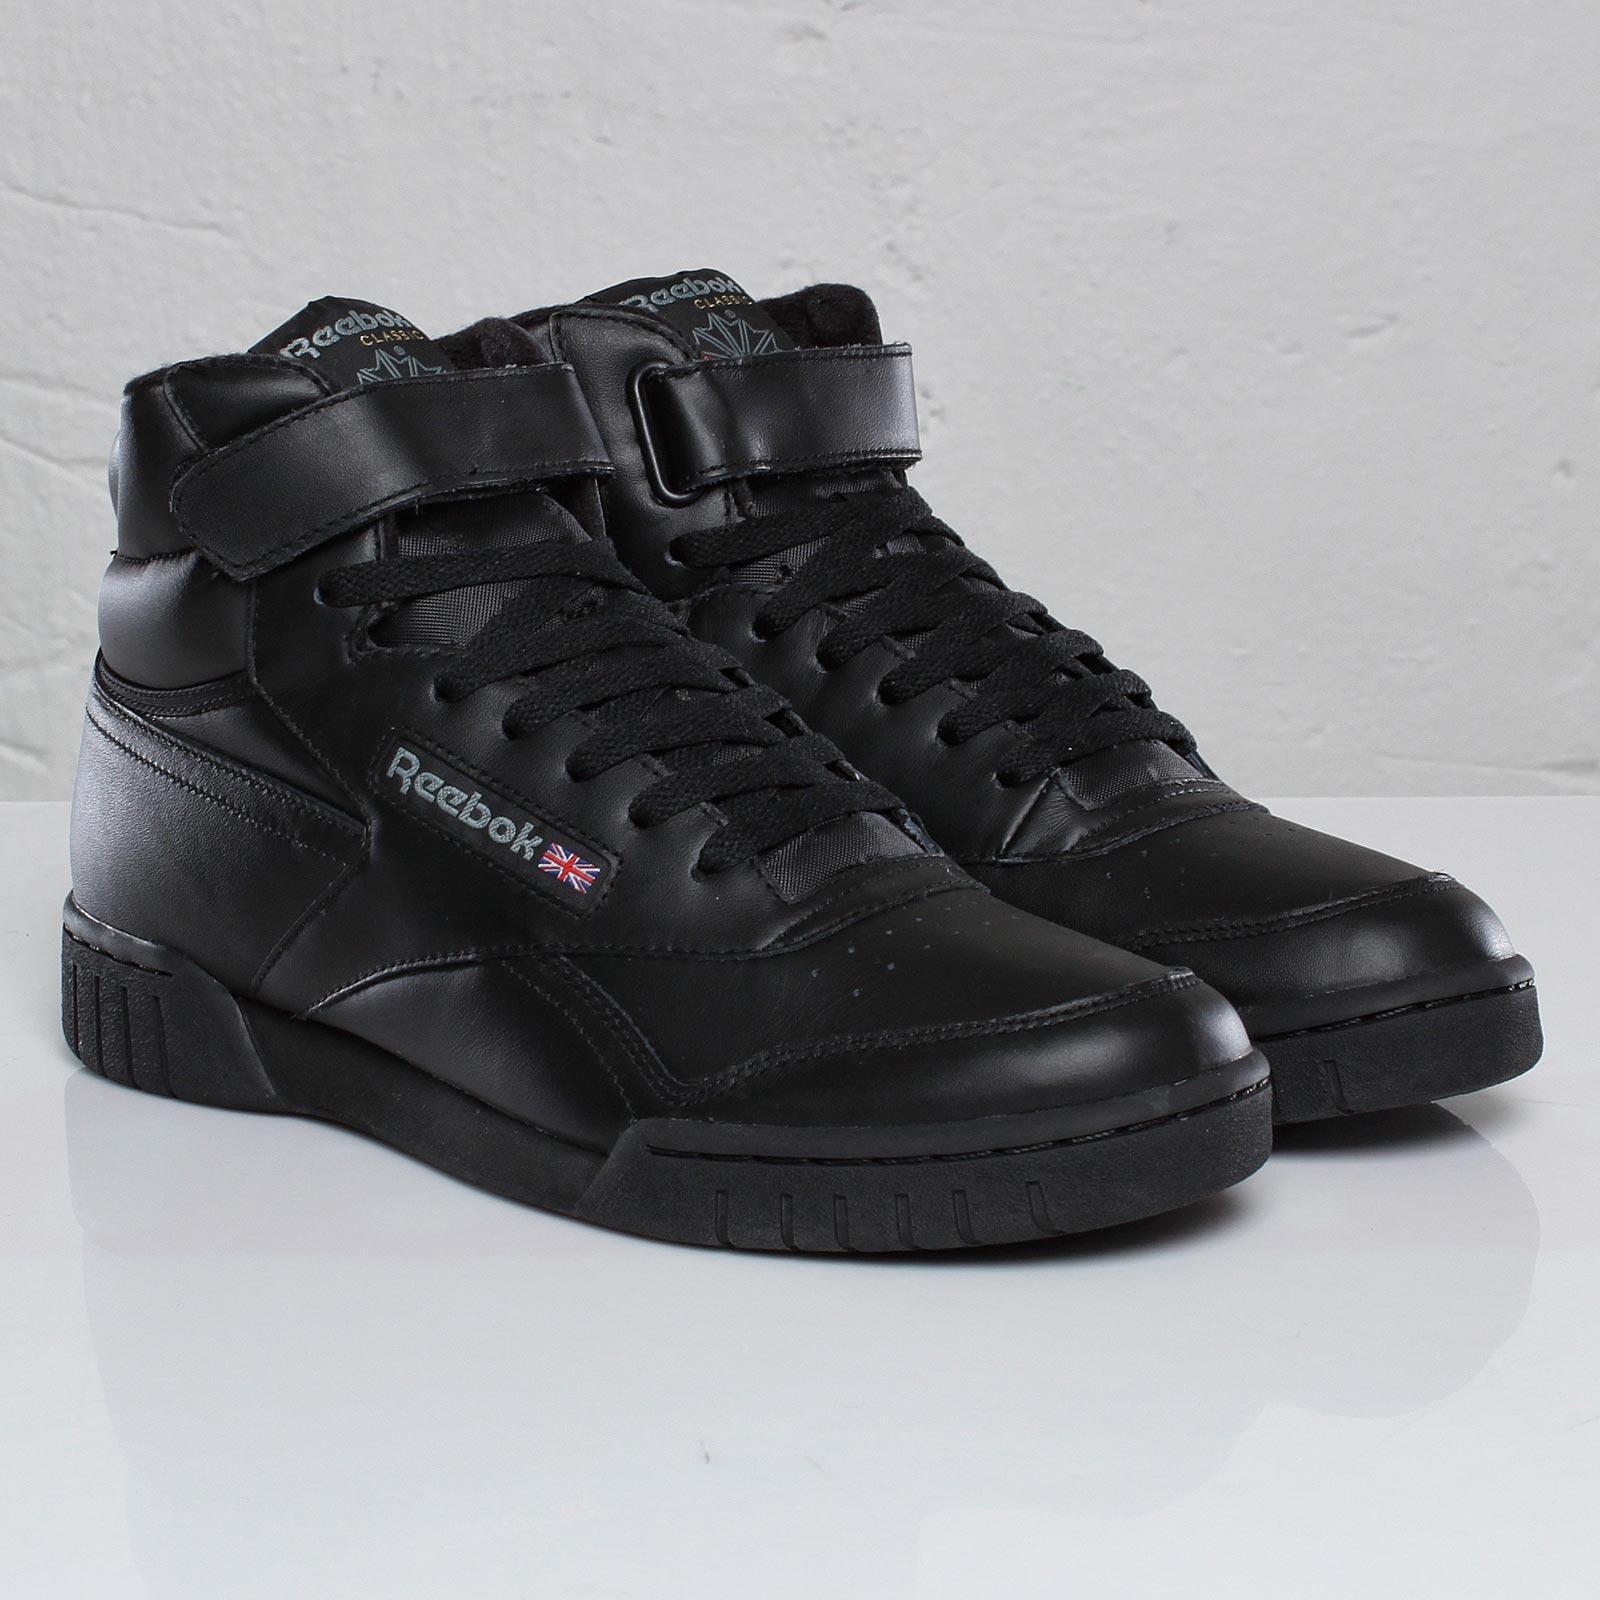 0584f39f34b2 Reebok Ex-O-Fit Hi - 81010 - Sneakersnstuff